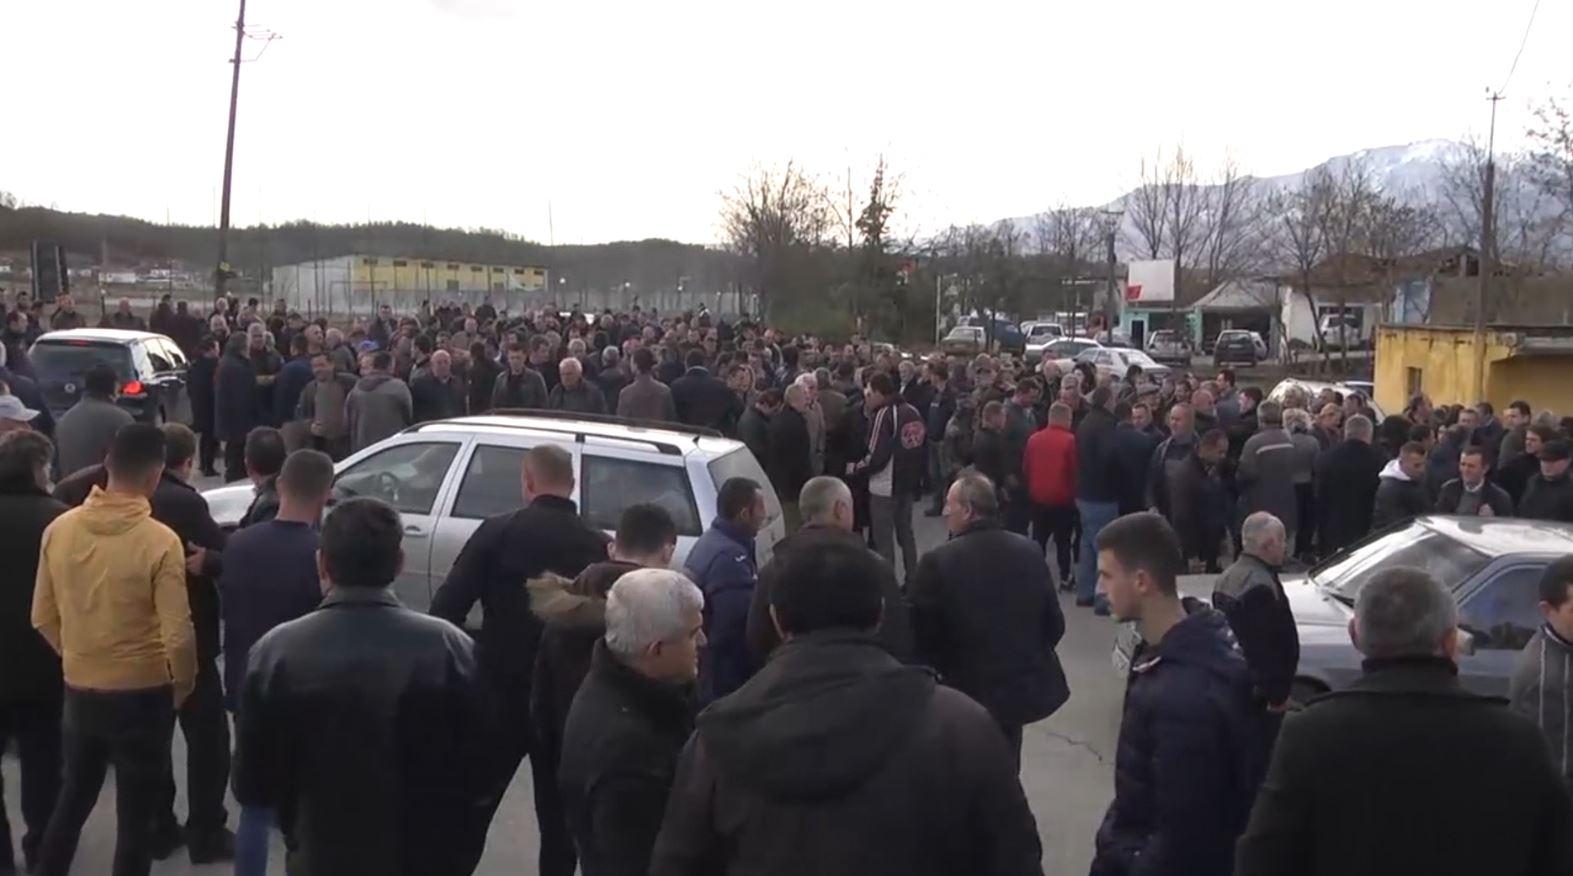 Nisin protestat opozitare, qytetarët bllokojnë kryqëzimin e Urës së Matit